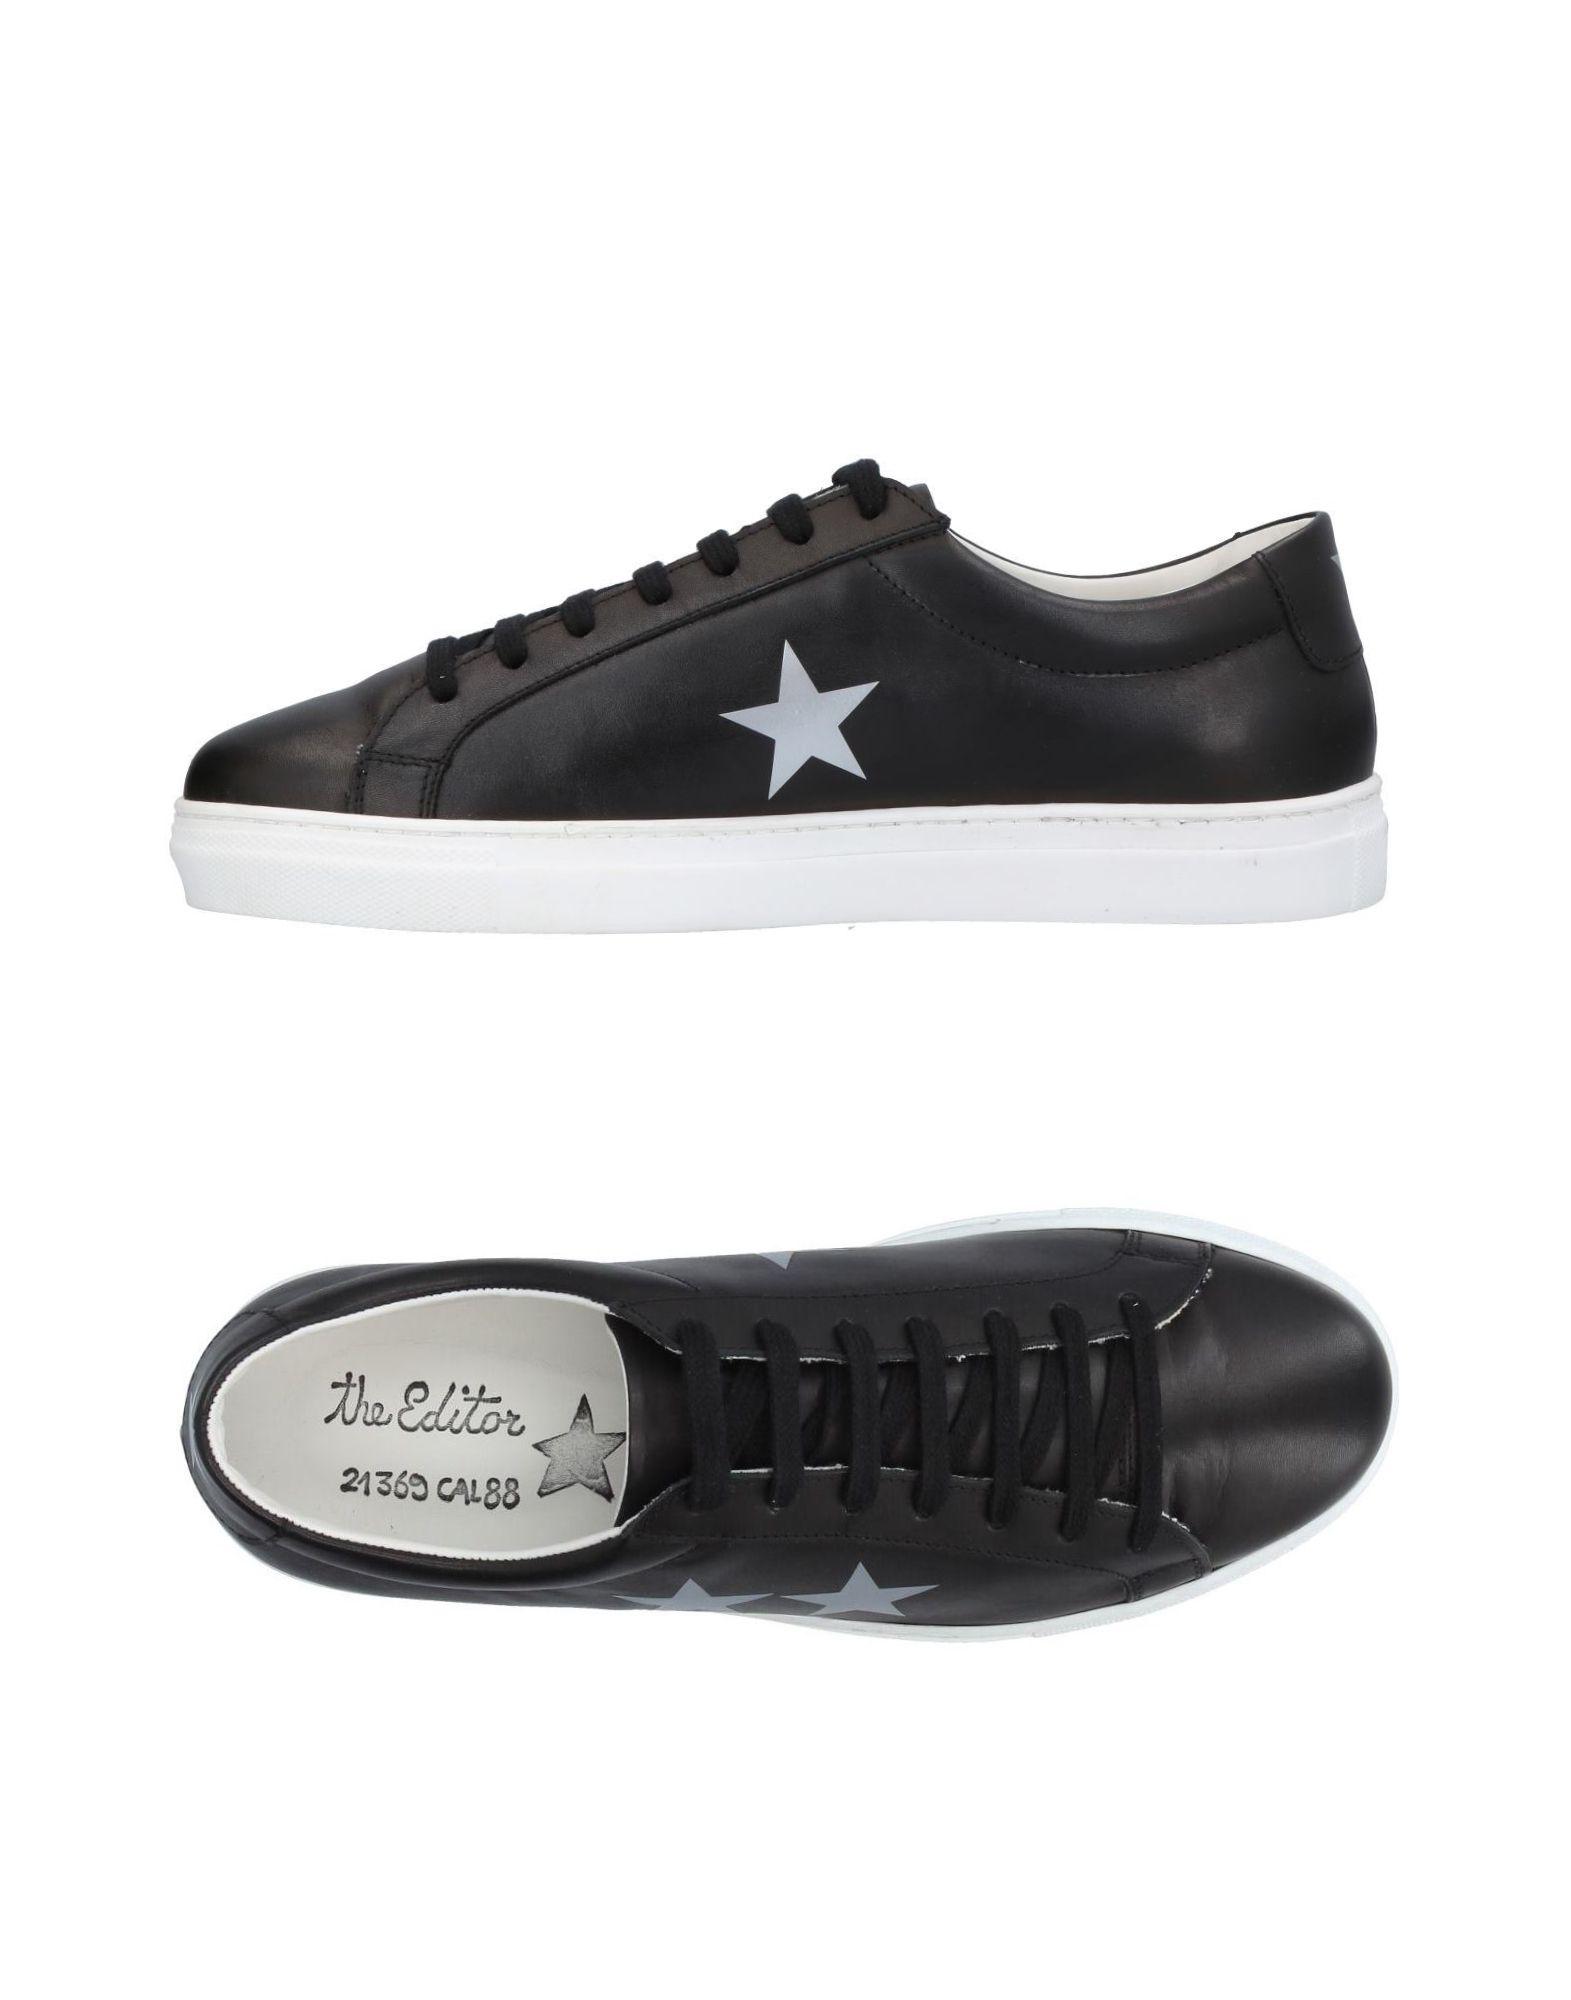 Rabatt echte Schuhe The Editor Sneakers Herren  11408891GJ